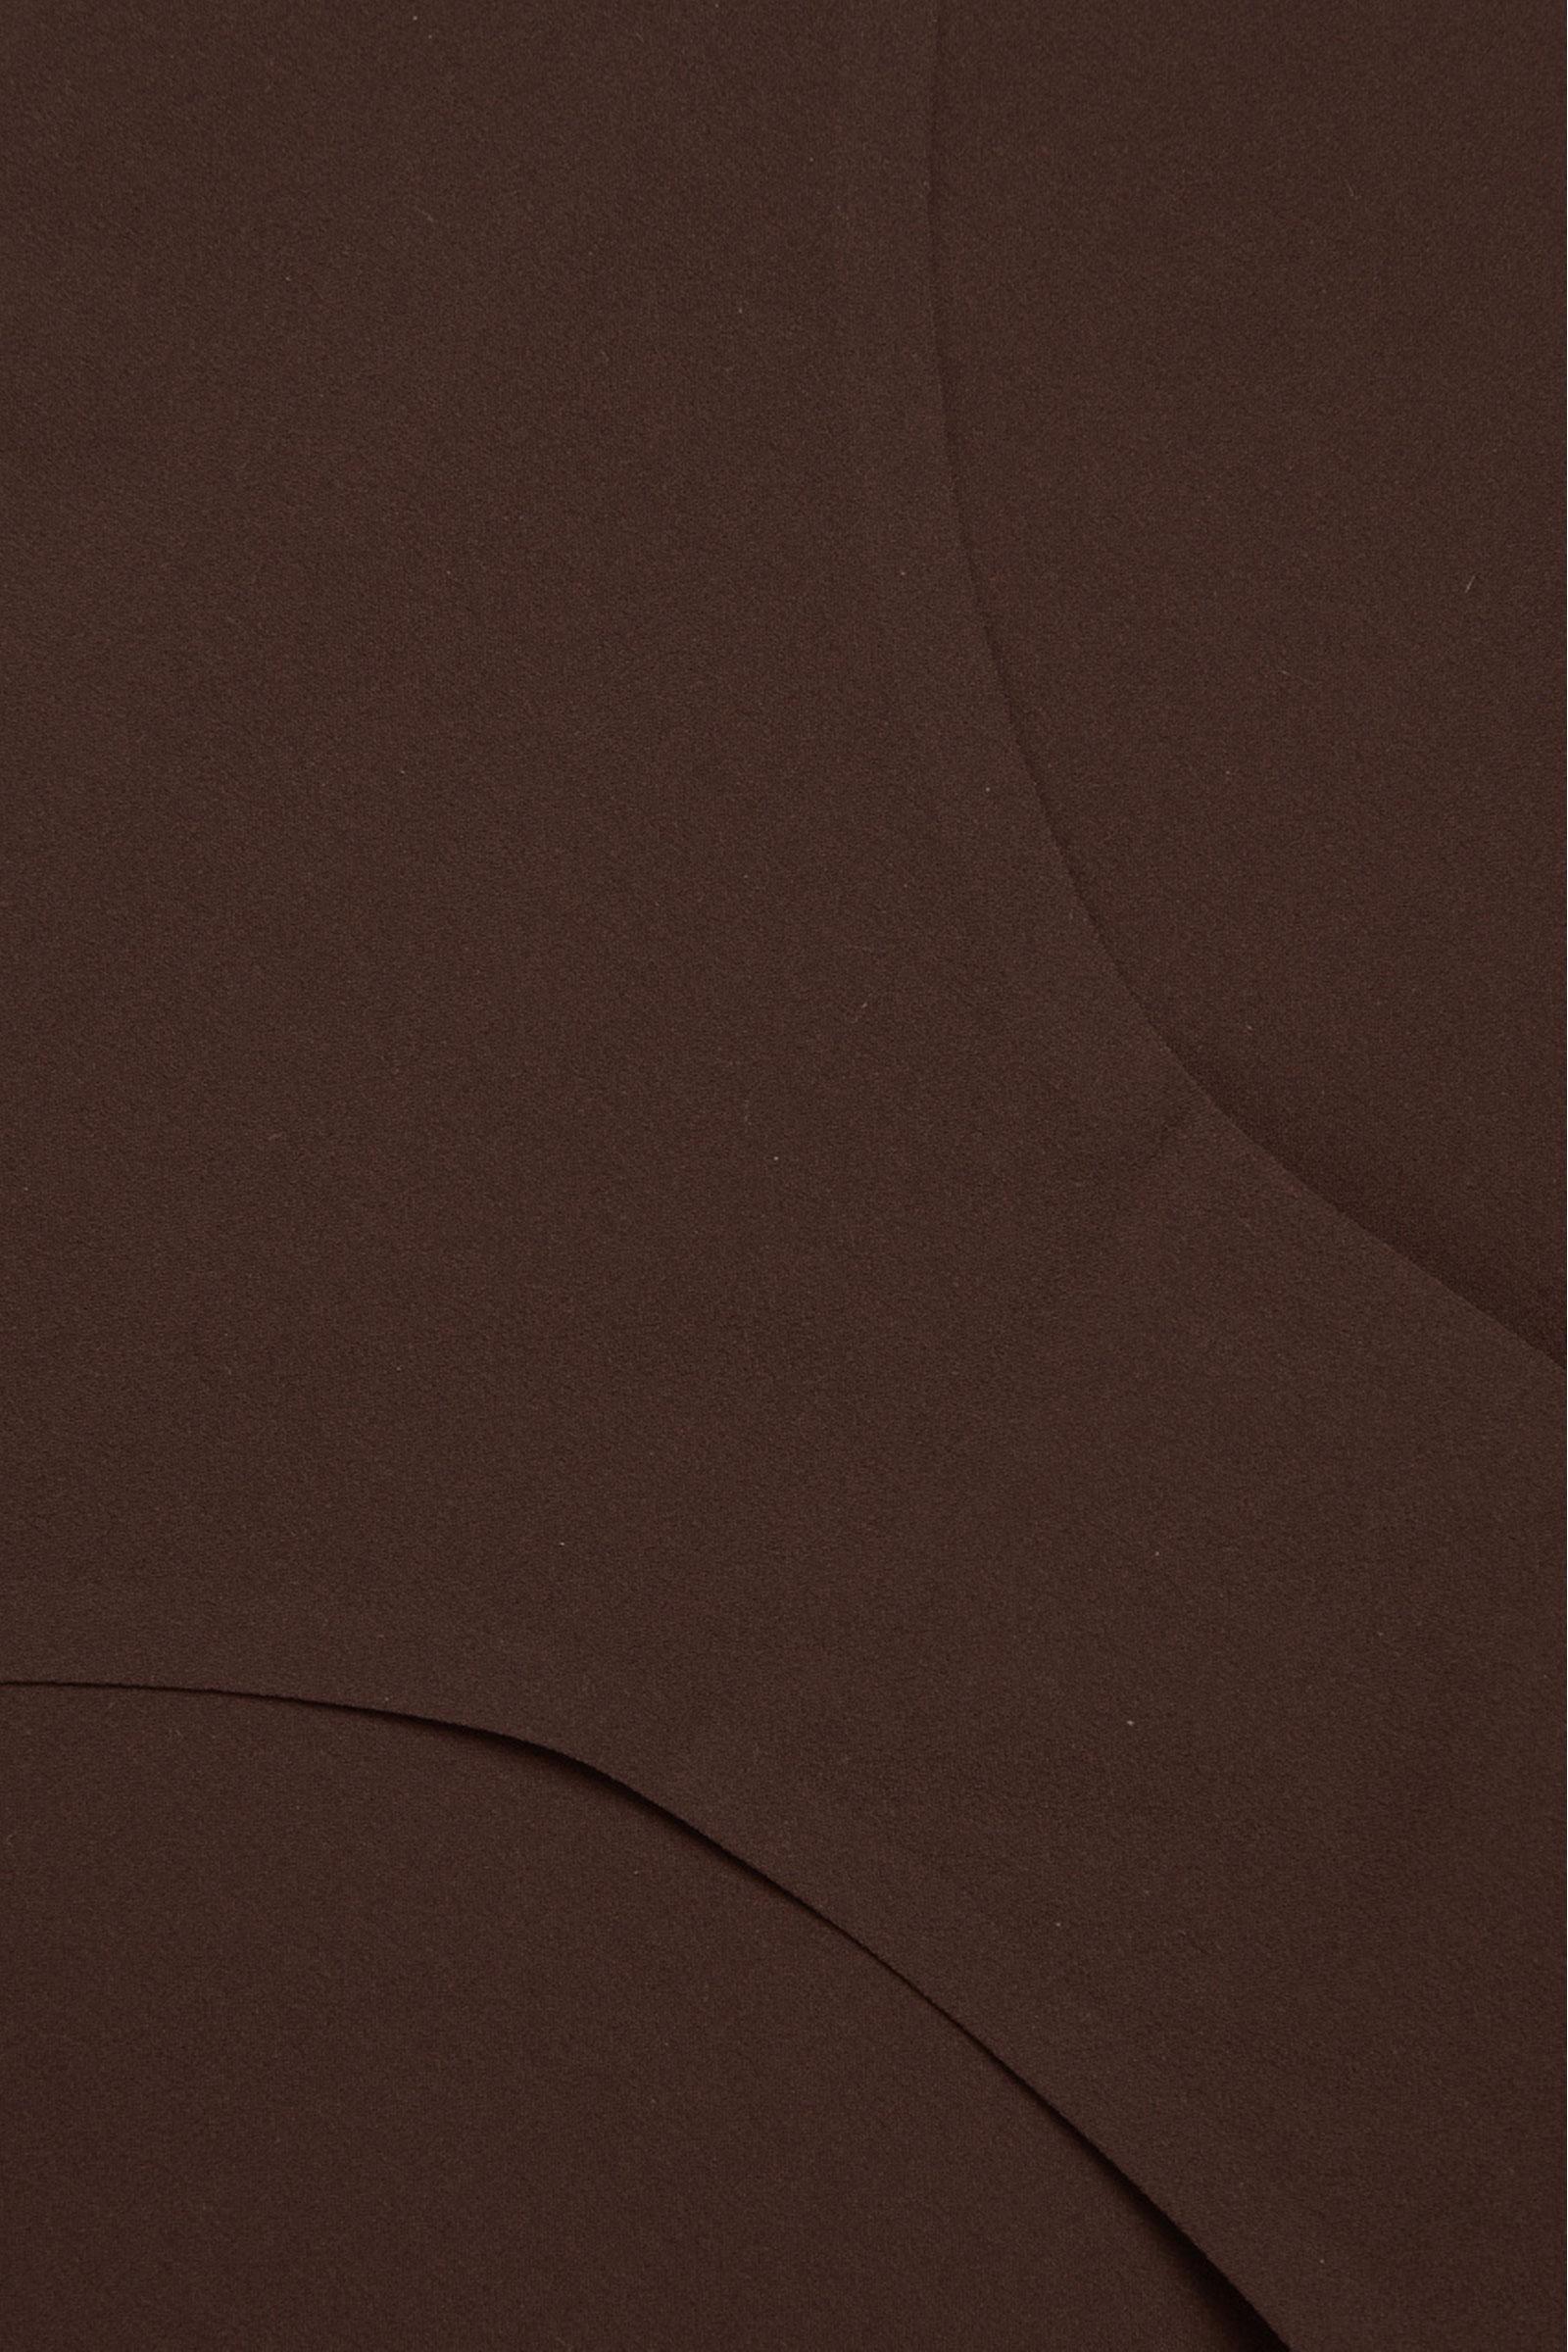 COS 스트레치 니커즈의 브라운컬러 Detail입니다.